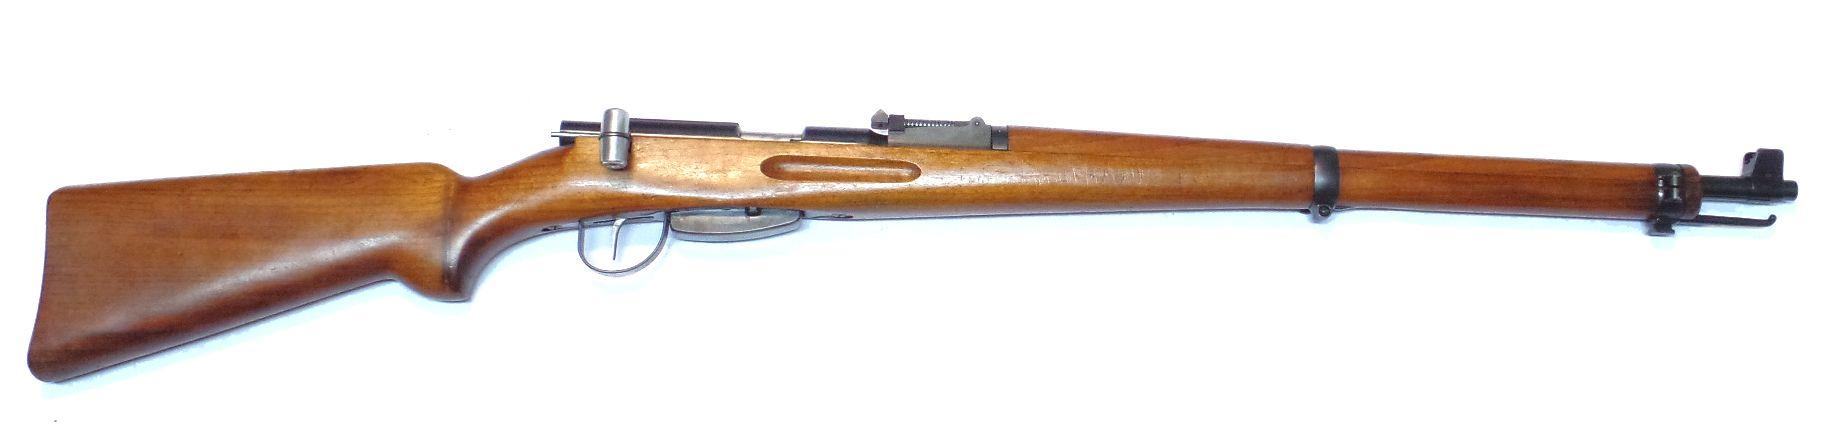 K31 modèle 57 calibre 22LR